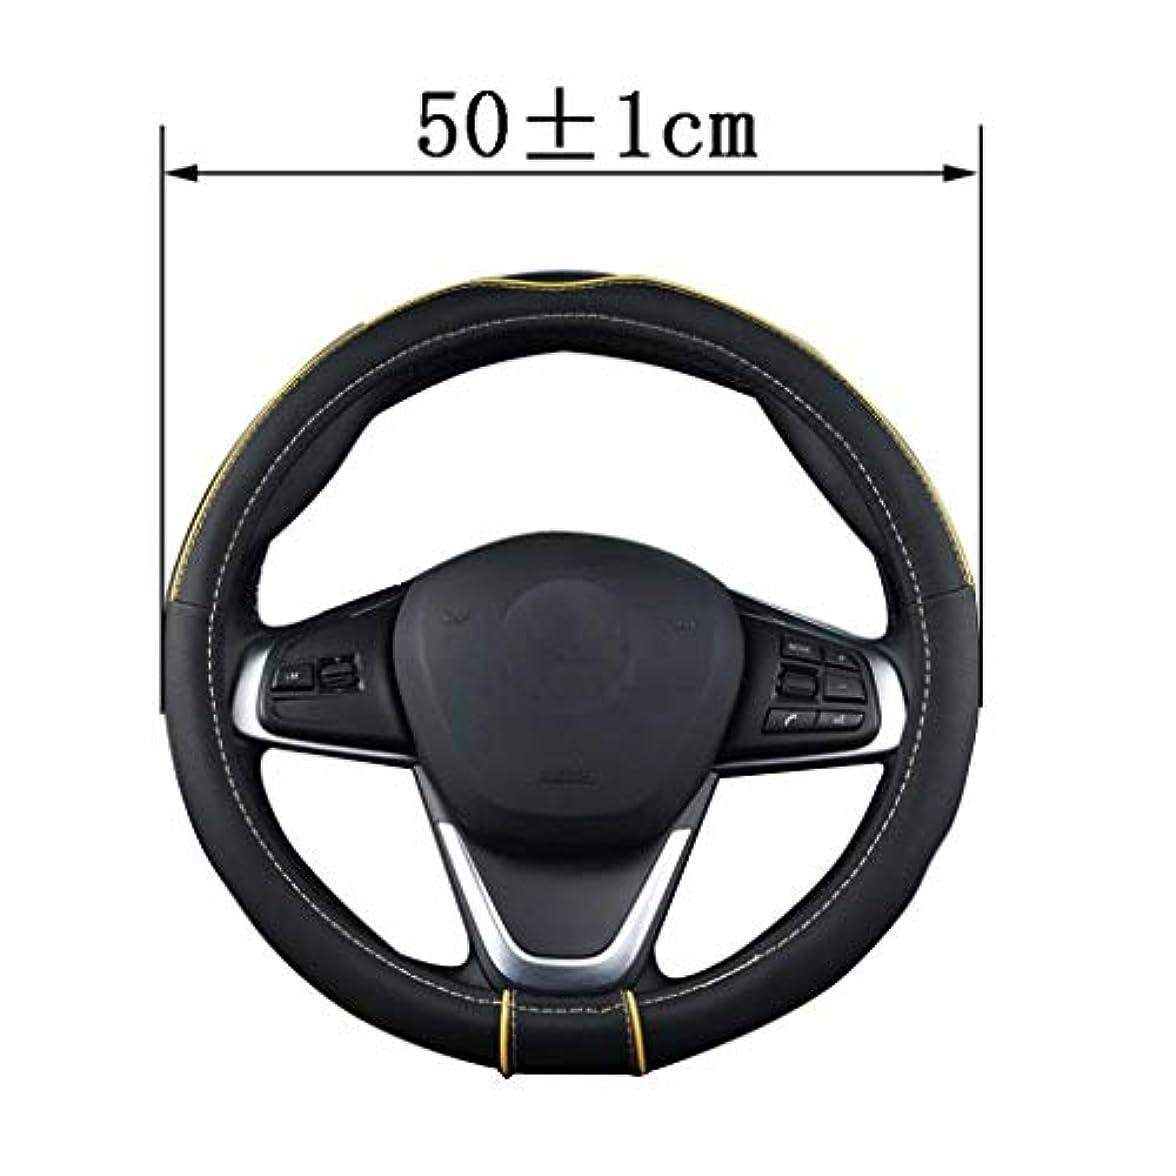 エロチック守銭奴笑いトラック/乗用車/ビジネス/バス/バン/RVなどのために、ホイールカバー/ファッション革ステアリングホイールカバーステアリング (Color : Blackyellow, Size : 50cm)